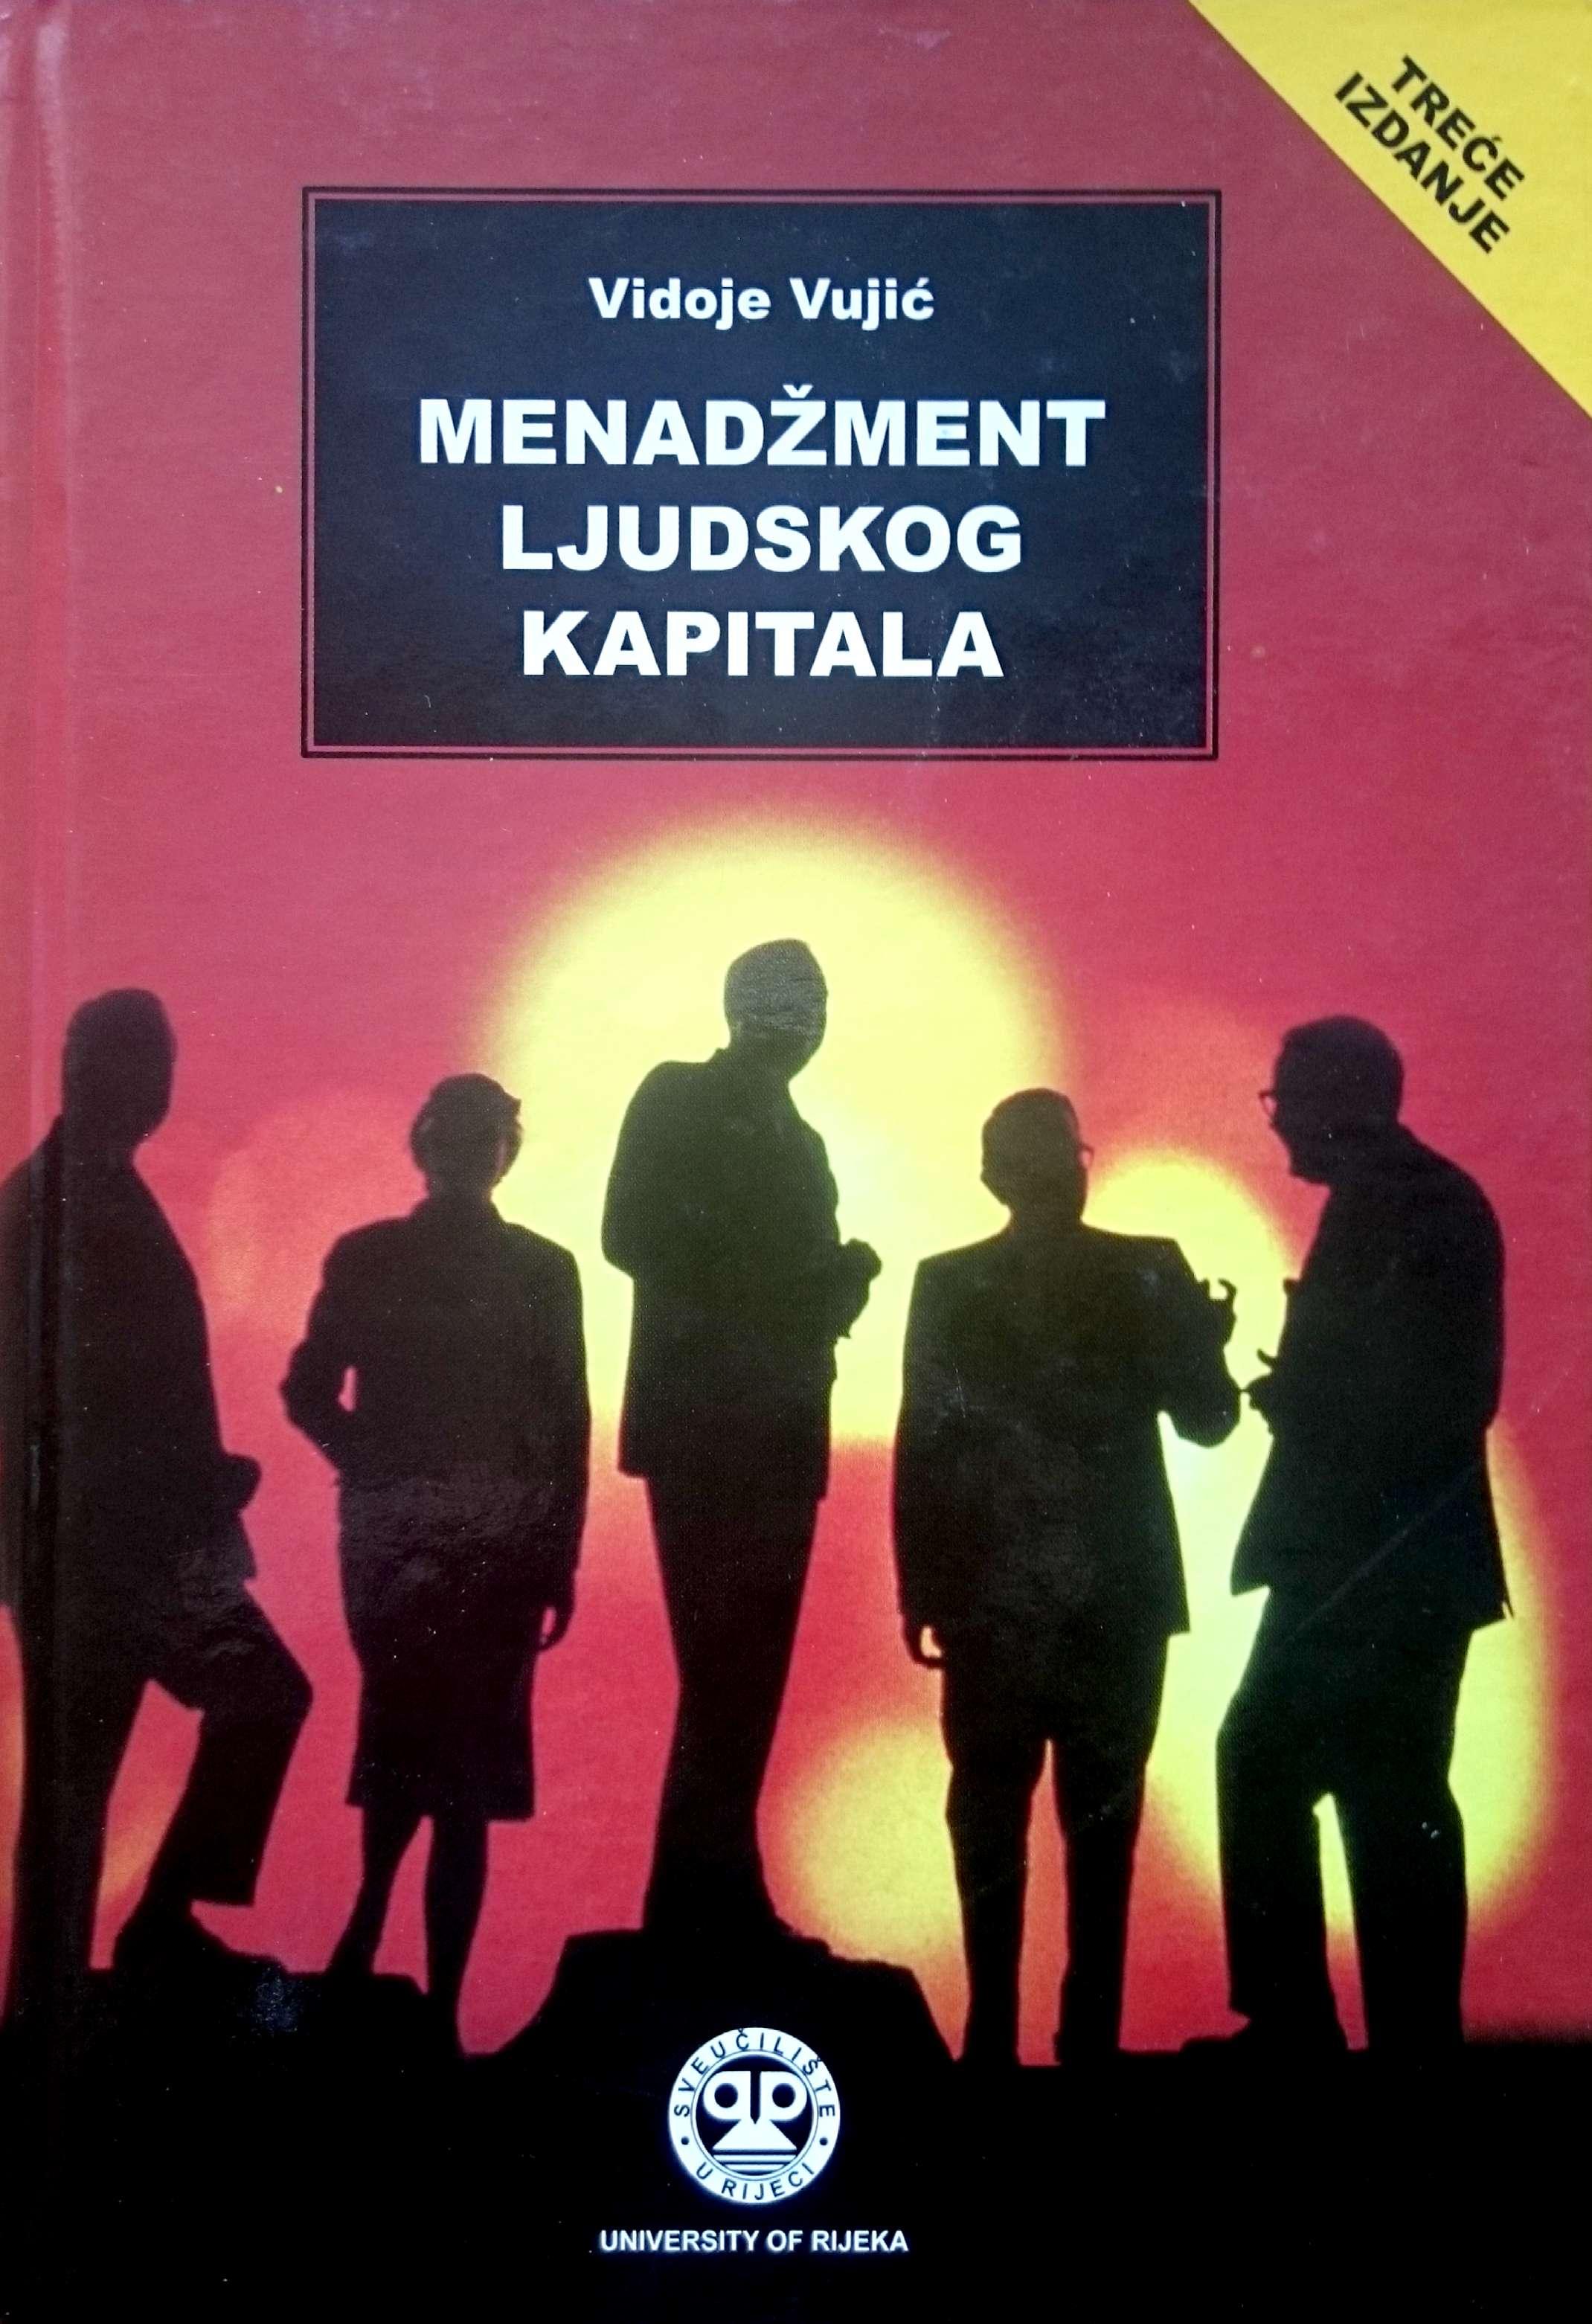 MENADŽMENT LJUDSKOG KAPITALA - Naruči svoju knjigu